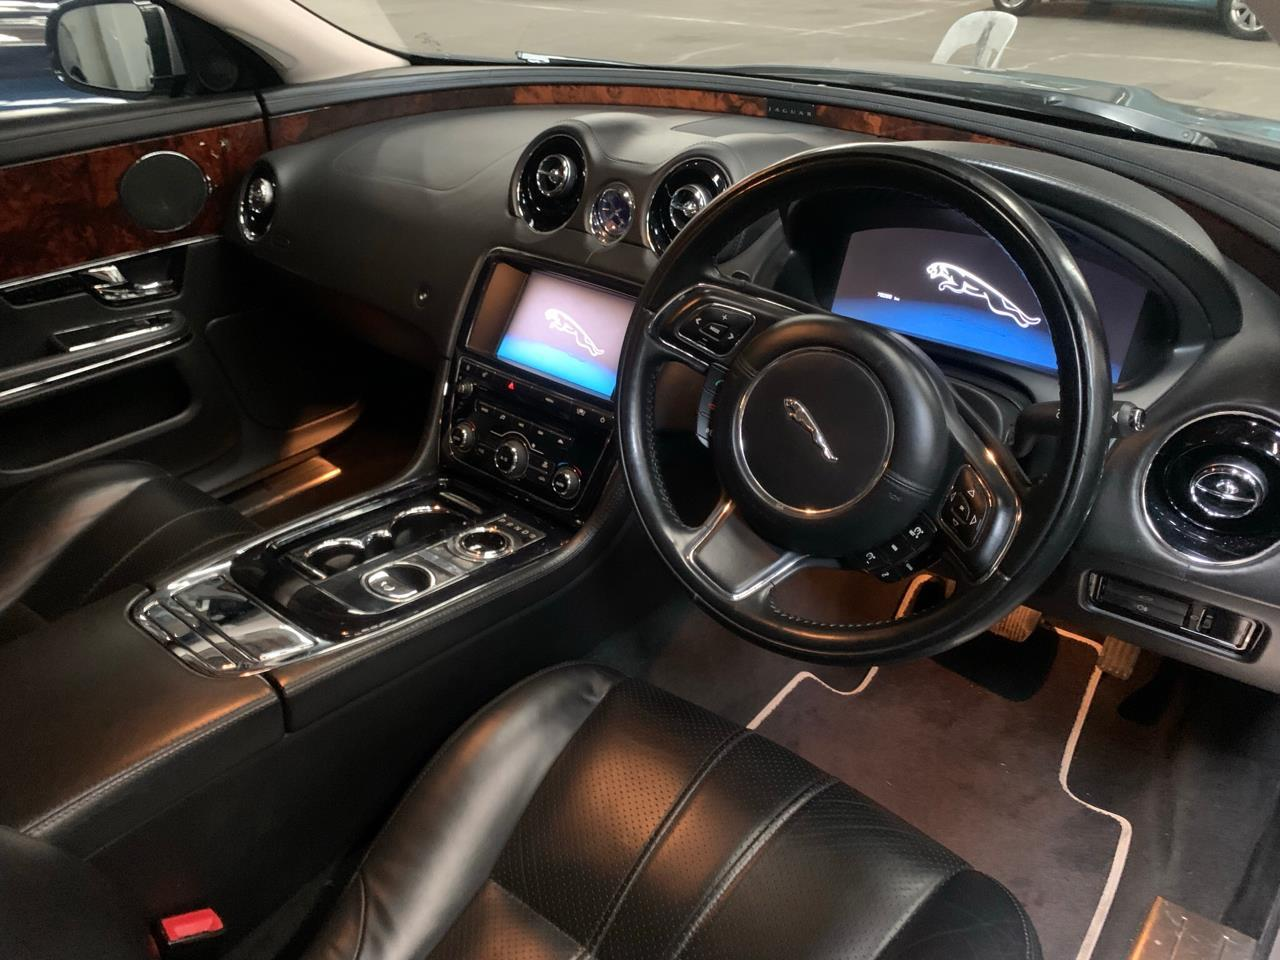 image-5, 2011 Jaguar XJ 5.0L V8 at Christchurch